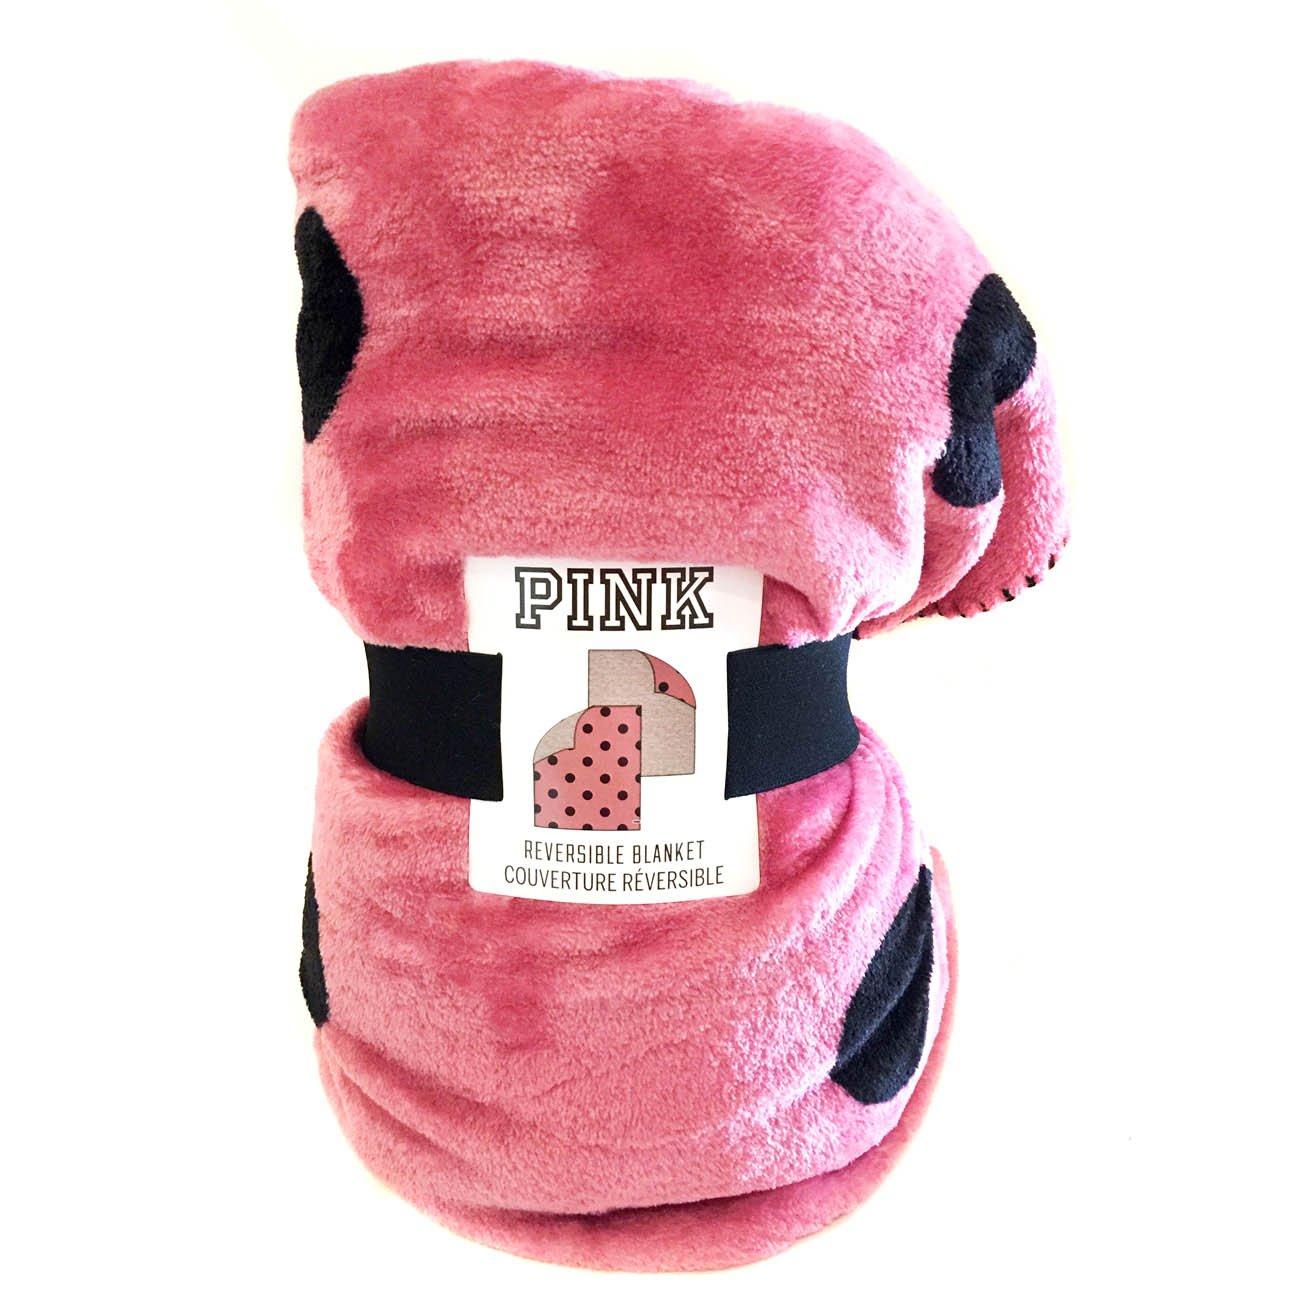 (Soft Begonia) - Victoria's Secret PINK Cosy Reversible Blanket (Soft Begonia) B01N2VE247 Soft Begonia